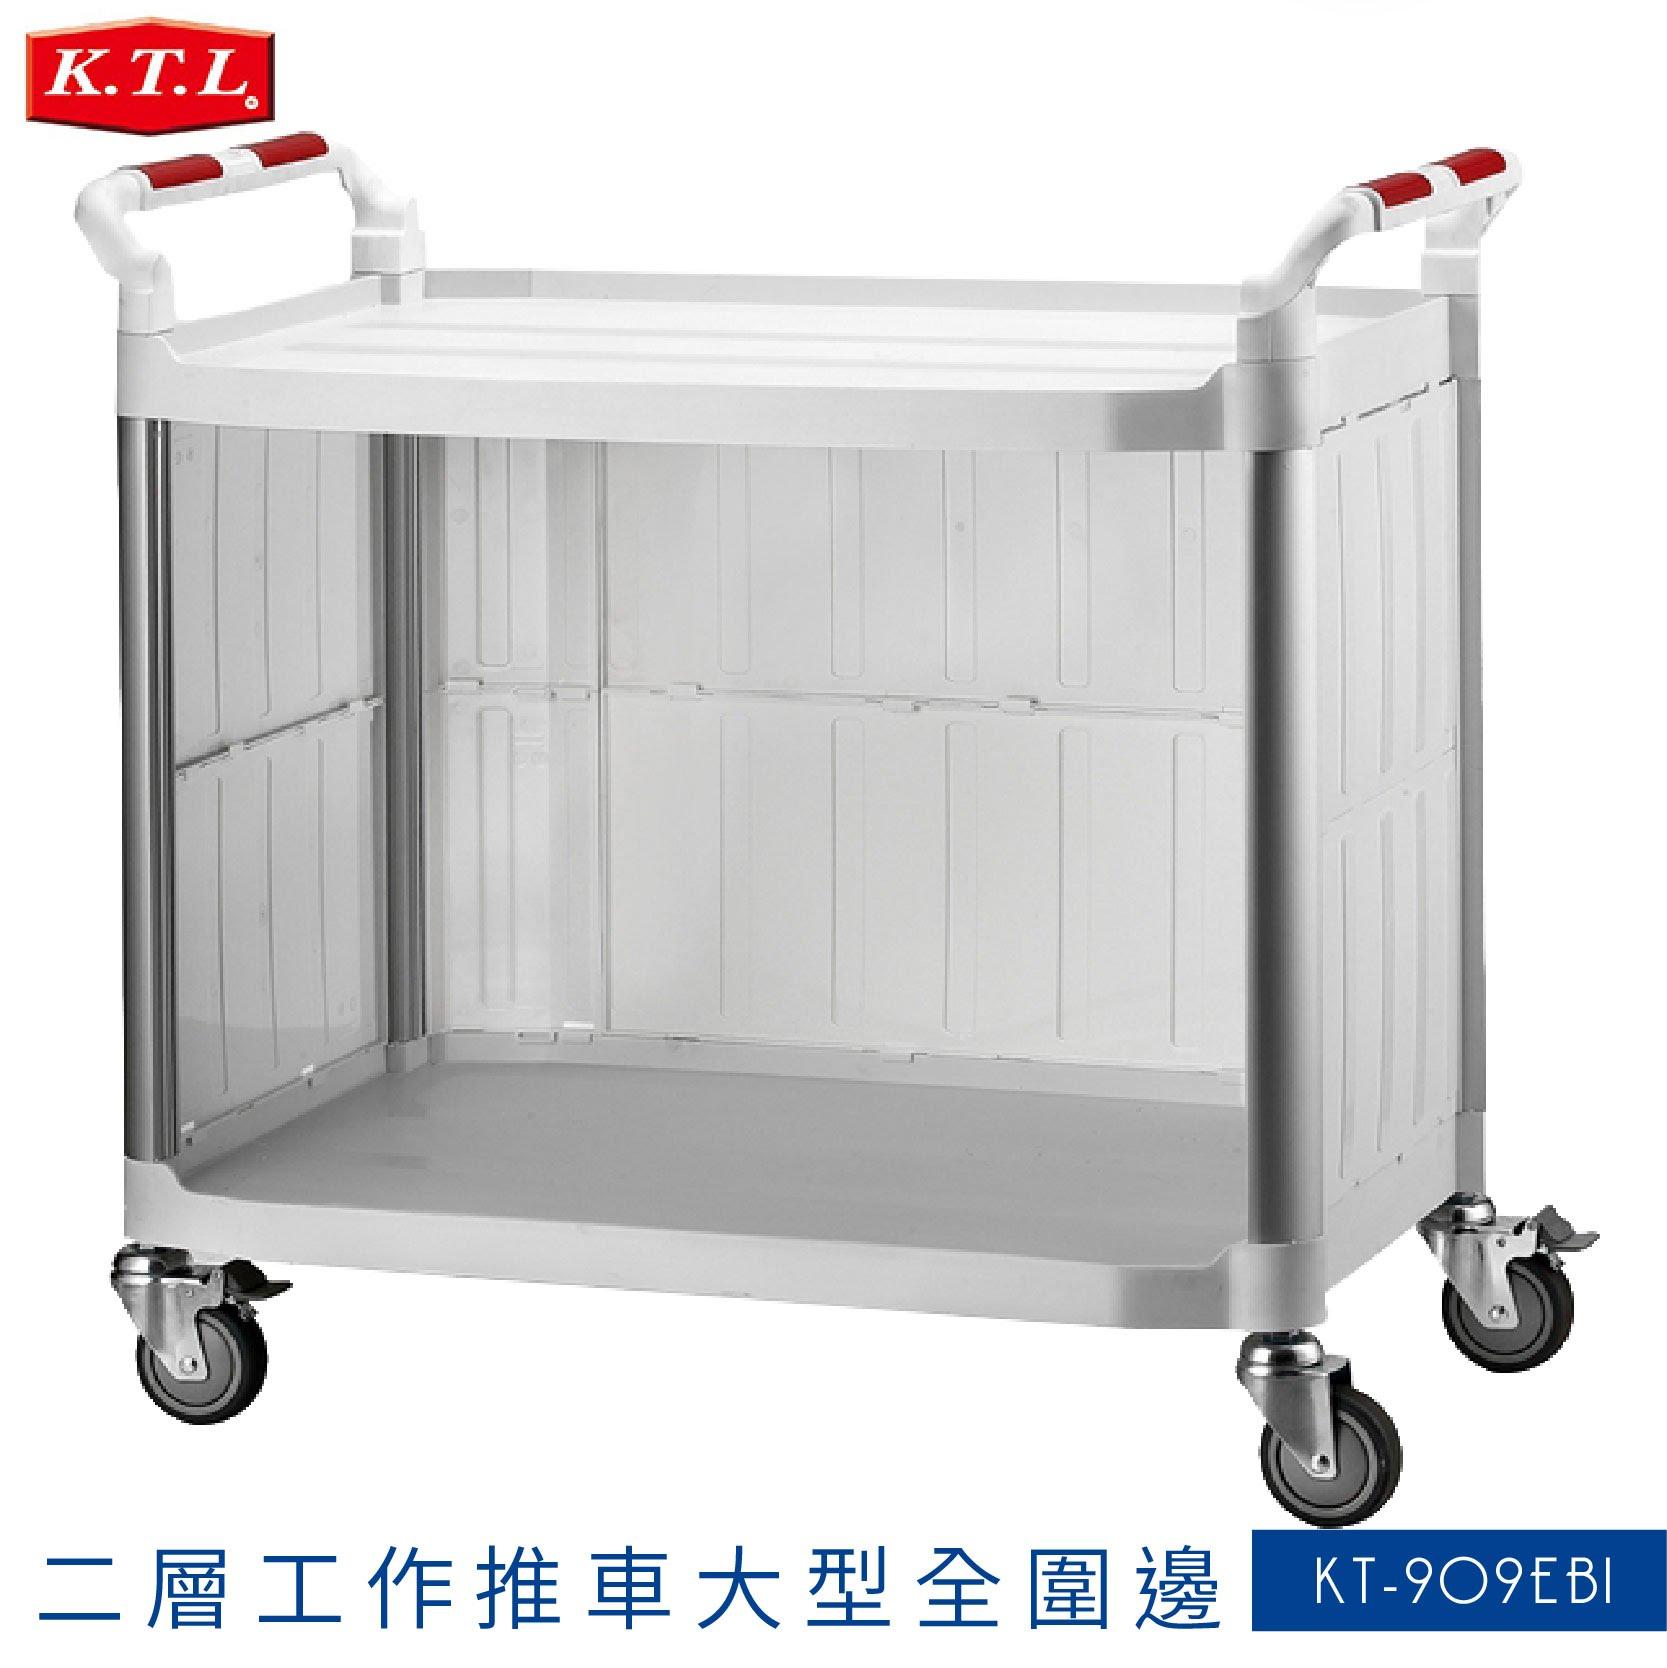 台灣製造➤KT-909EB1 二層大型工作推車(白)(全圍邊)【雙把手】手推車 工作車 餐車 清潔車 房務車 置物架